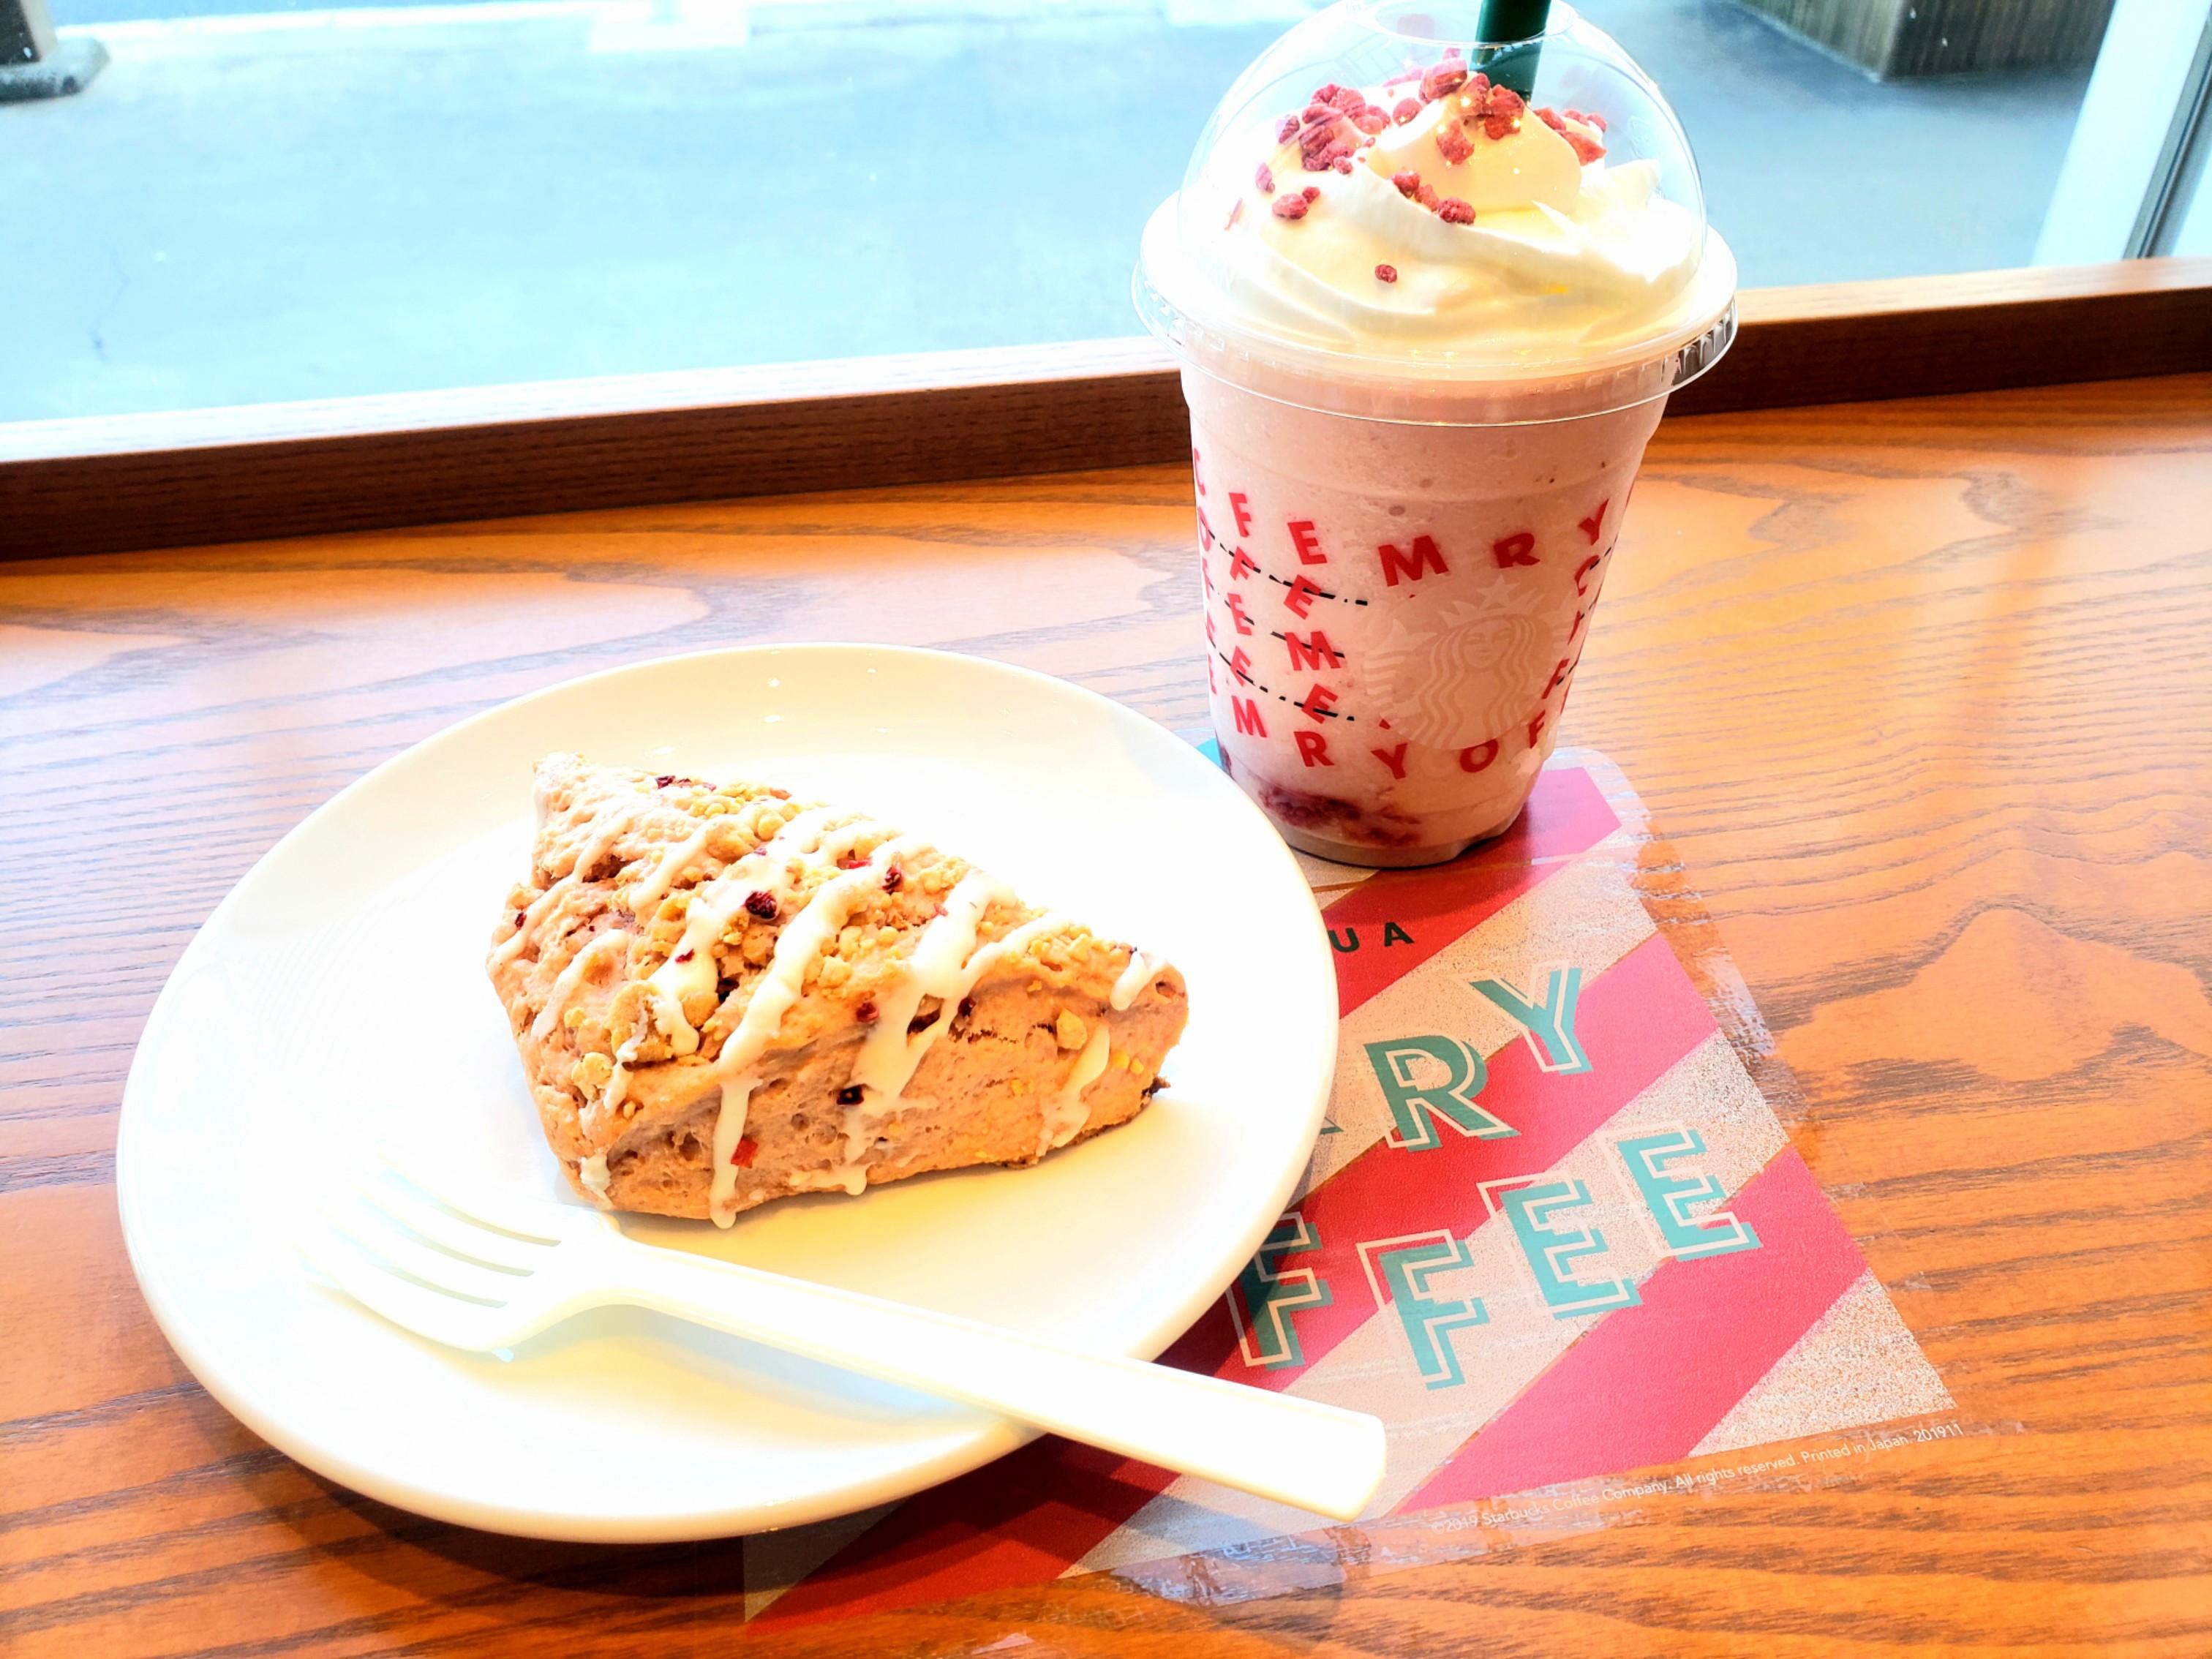 【スタバ】9日から新カスタマイズ!可愛くストロベリー三昧なメリーストロベリー ケーキ フラぺチーノ♡_1